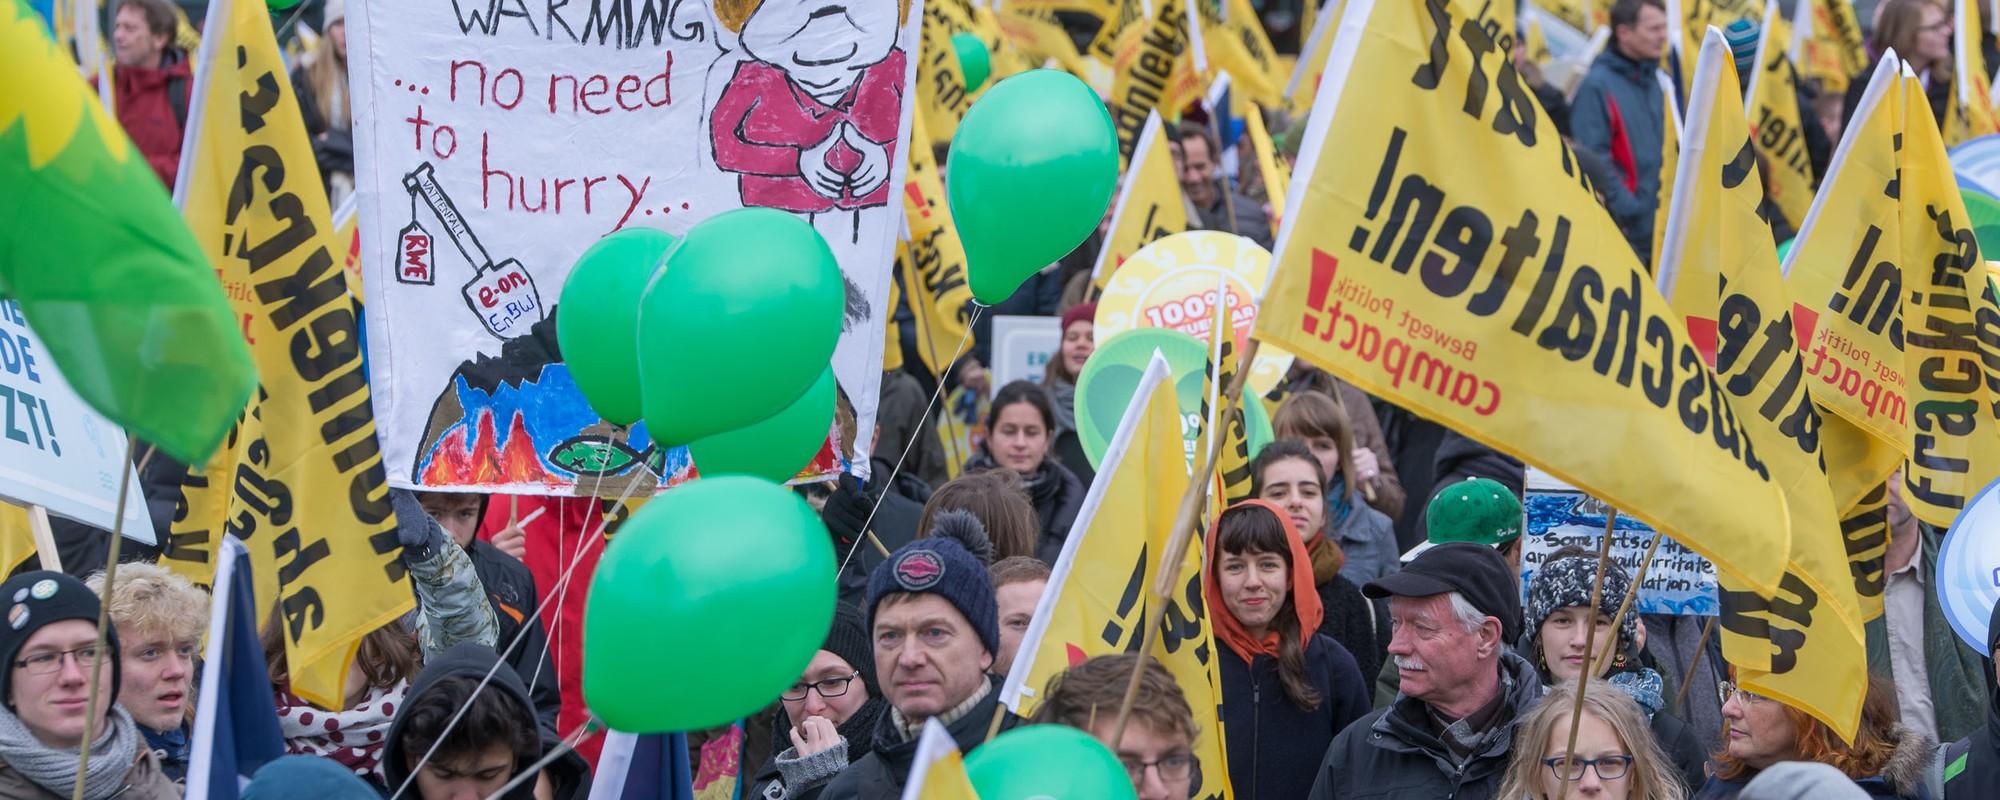 Zehntausend Menschen demonstrieren in Berlin gegen Kohle